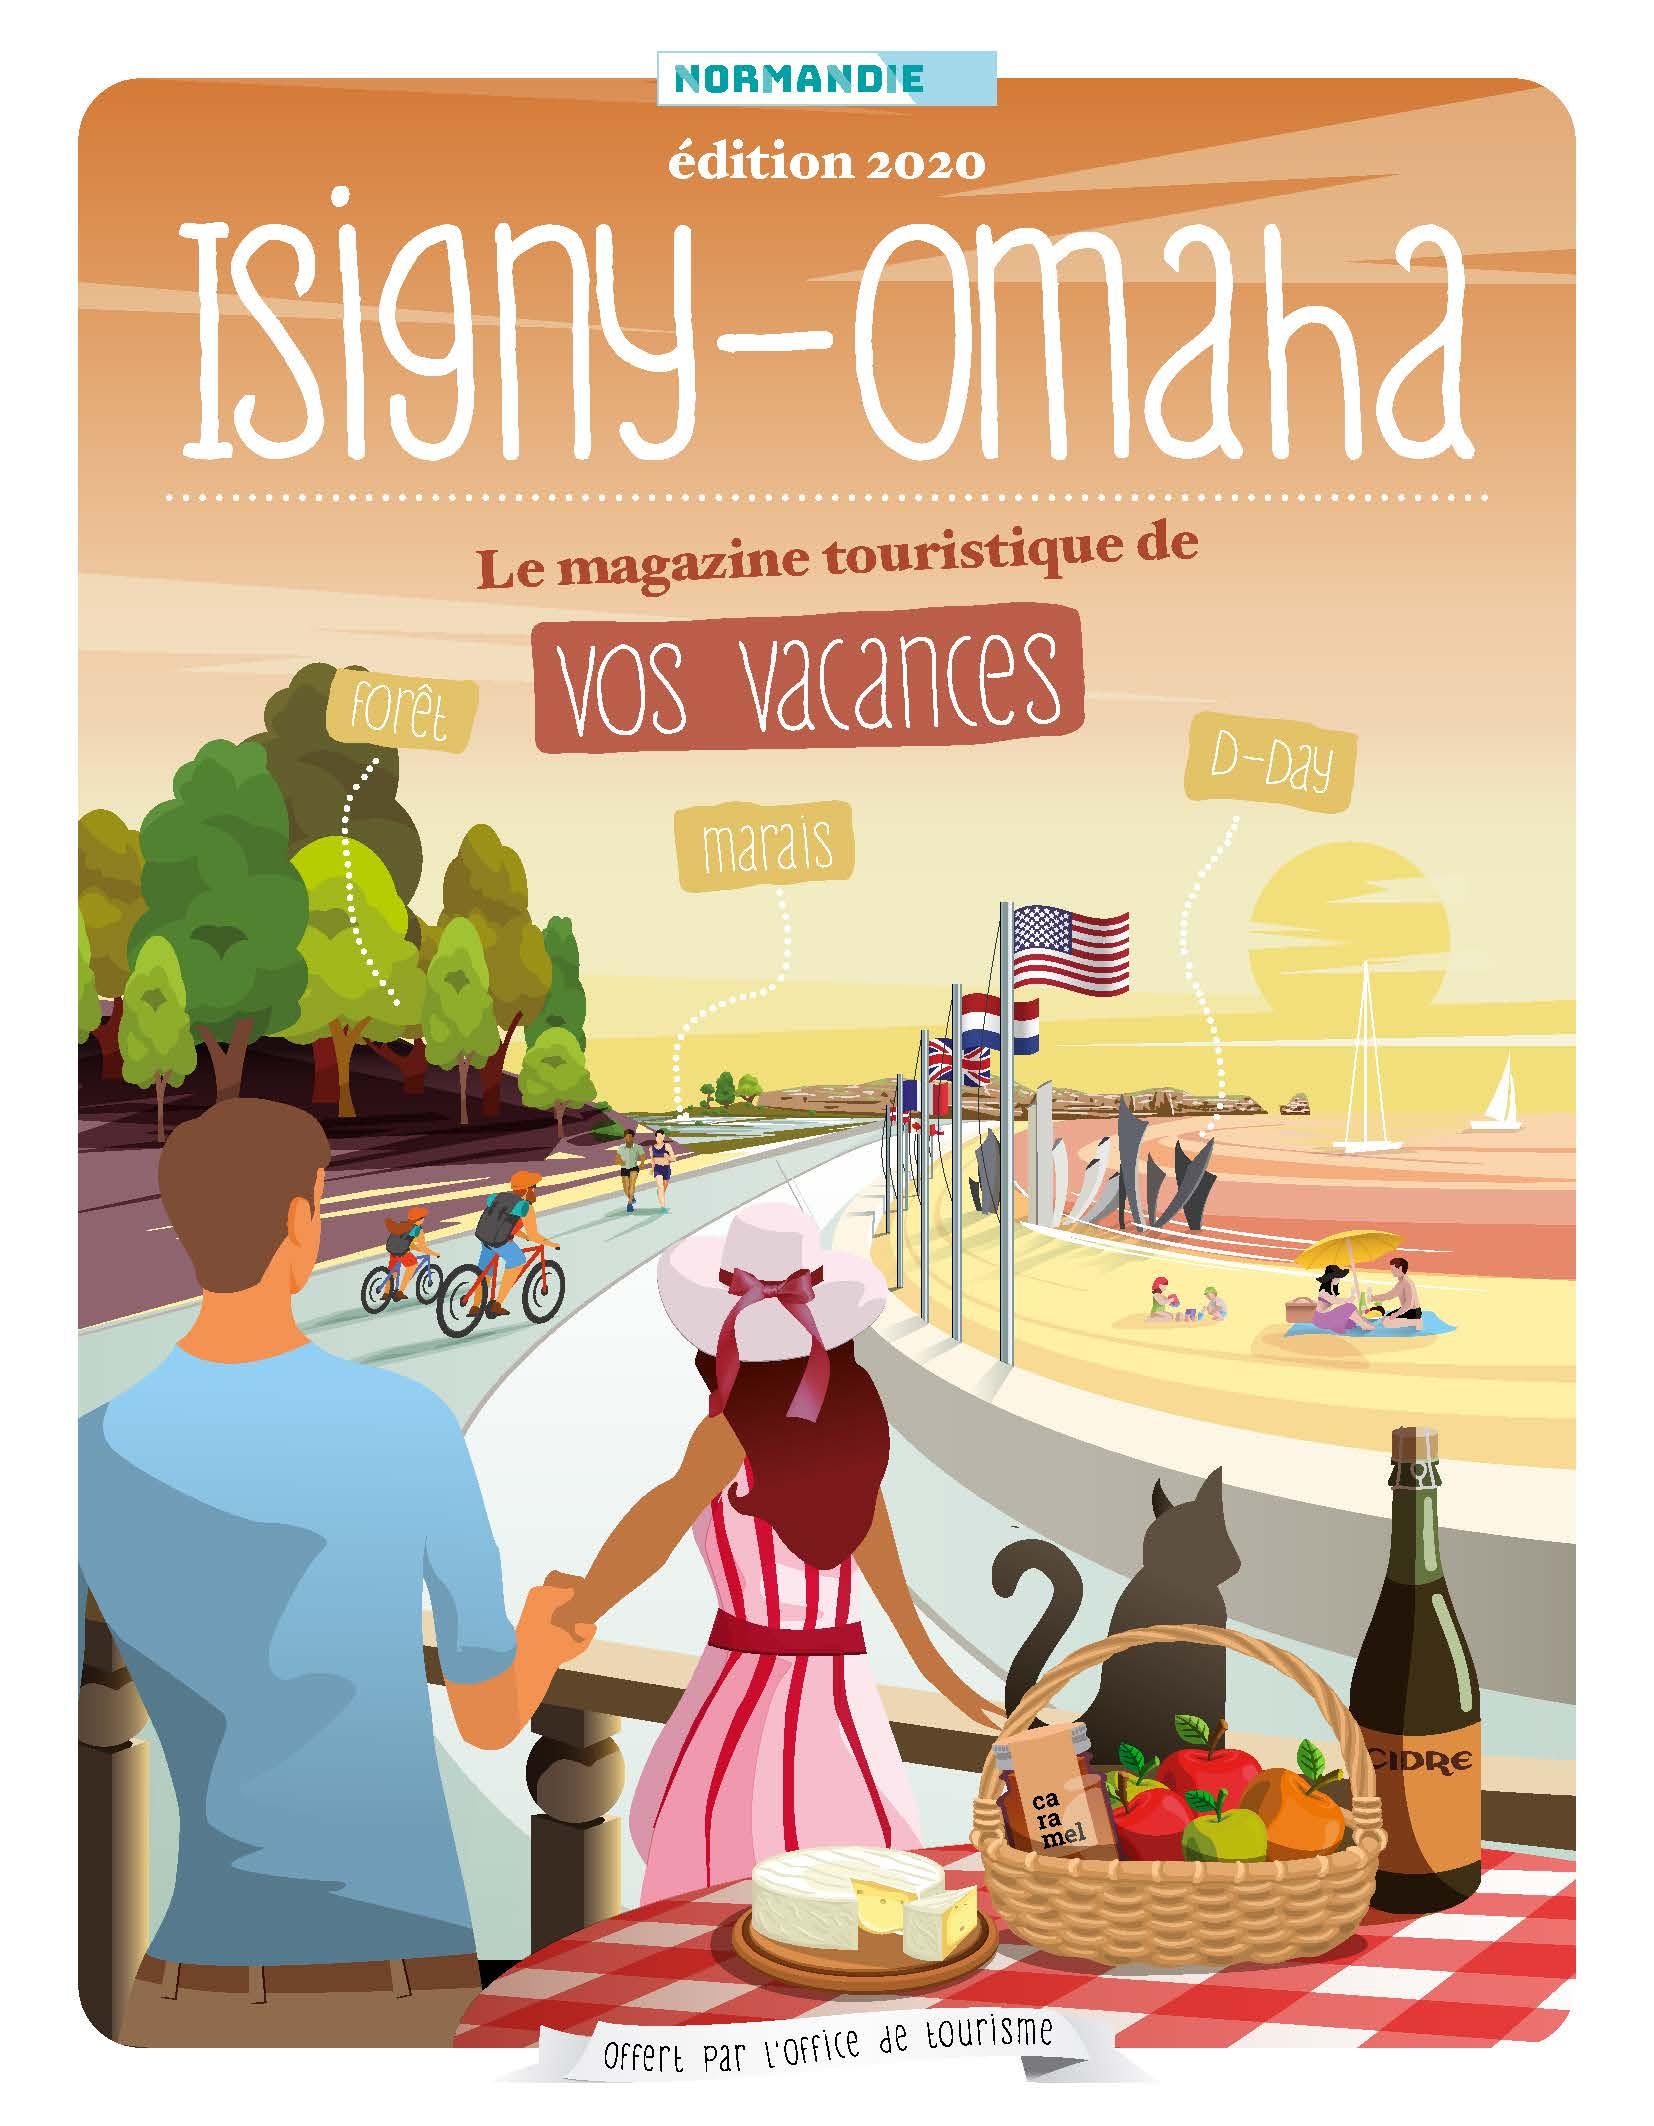 Isigny Omaha Tourisme - guide 2020